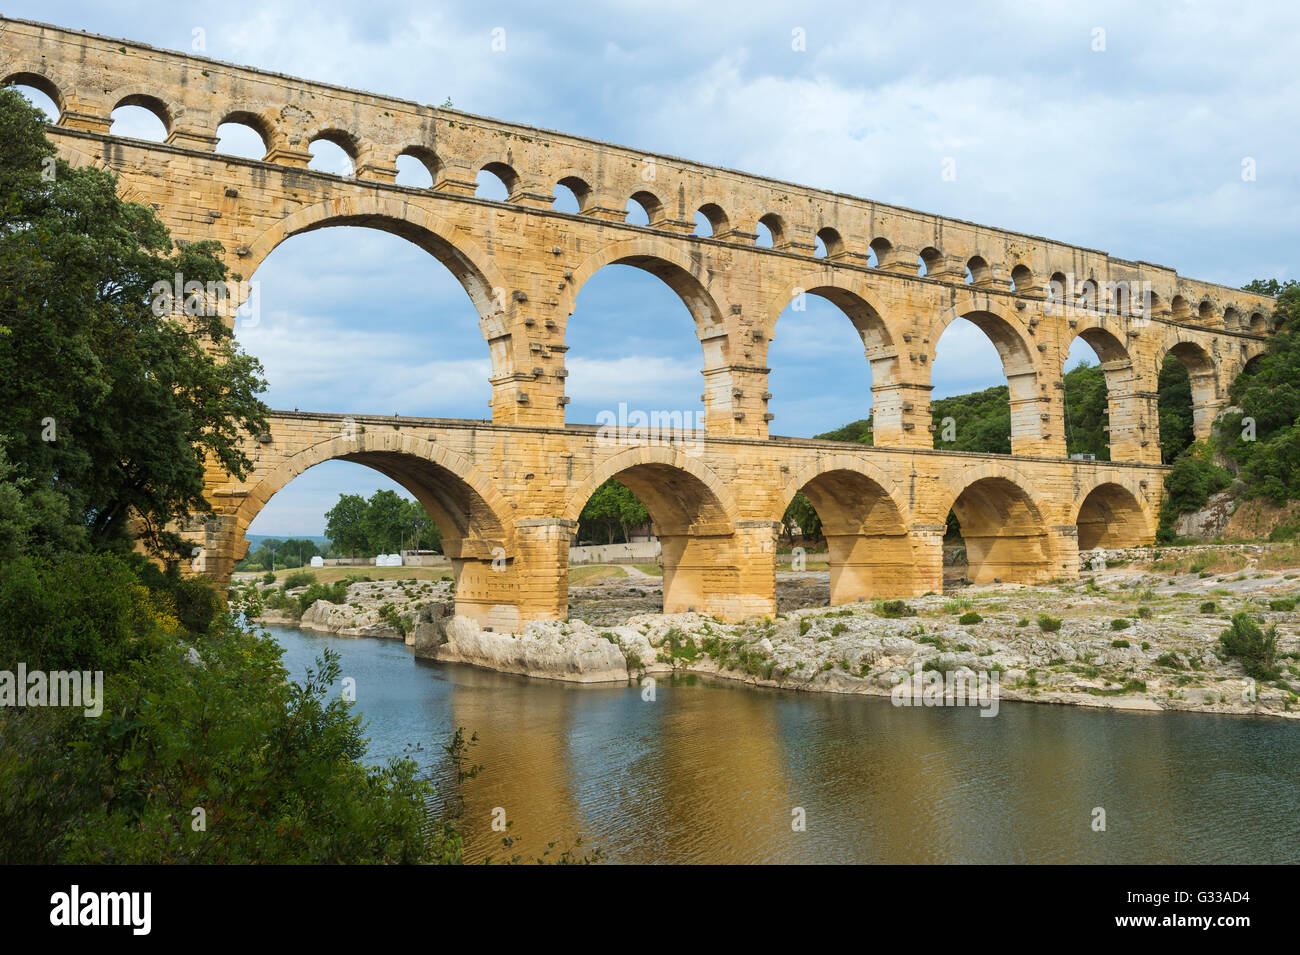 Pont du Gard, Languedoc-Rosellón región, Francia, Sitio del Patrimonio Mundial de la Unesco Imagen De Stock